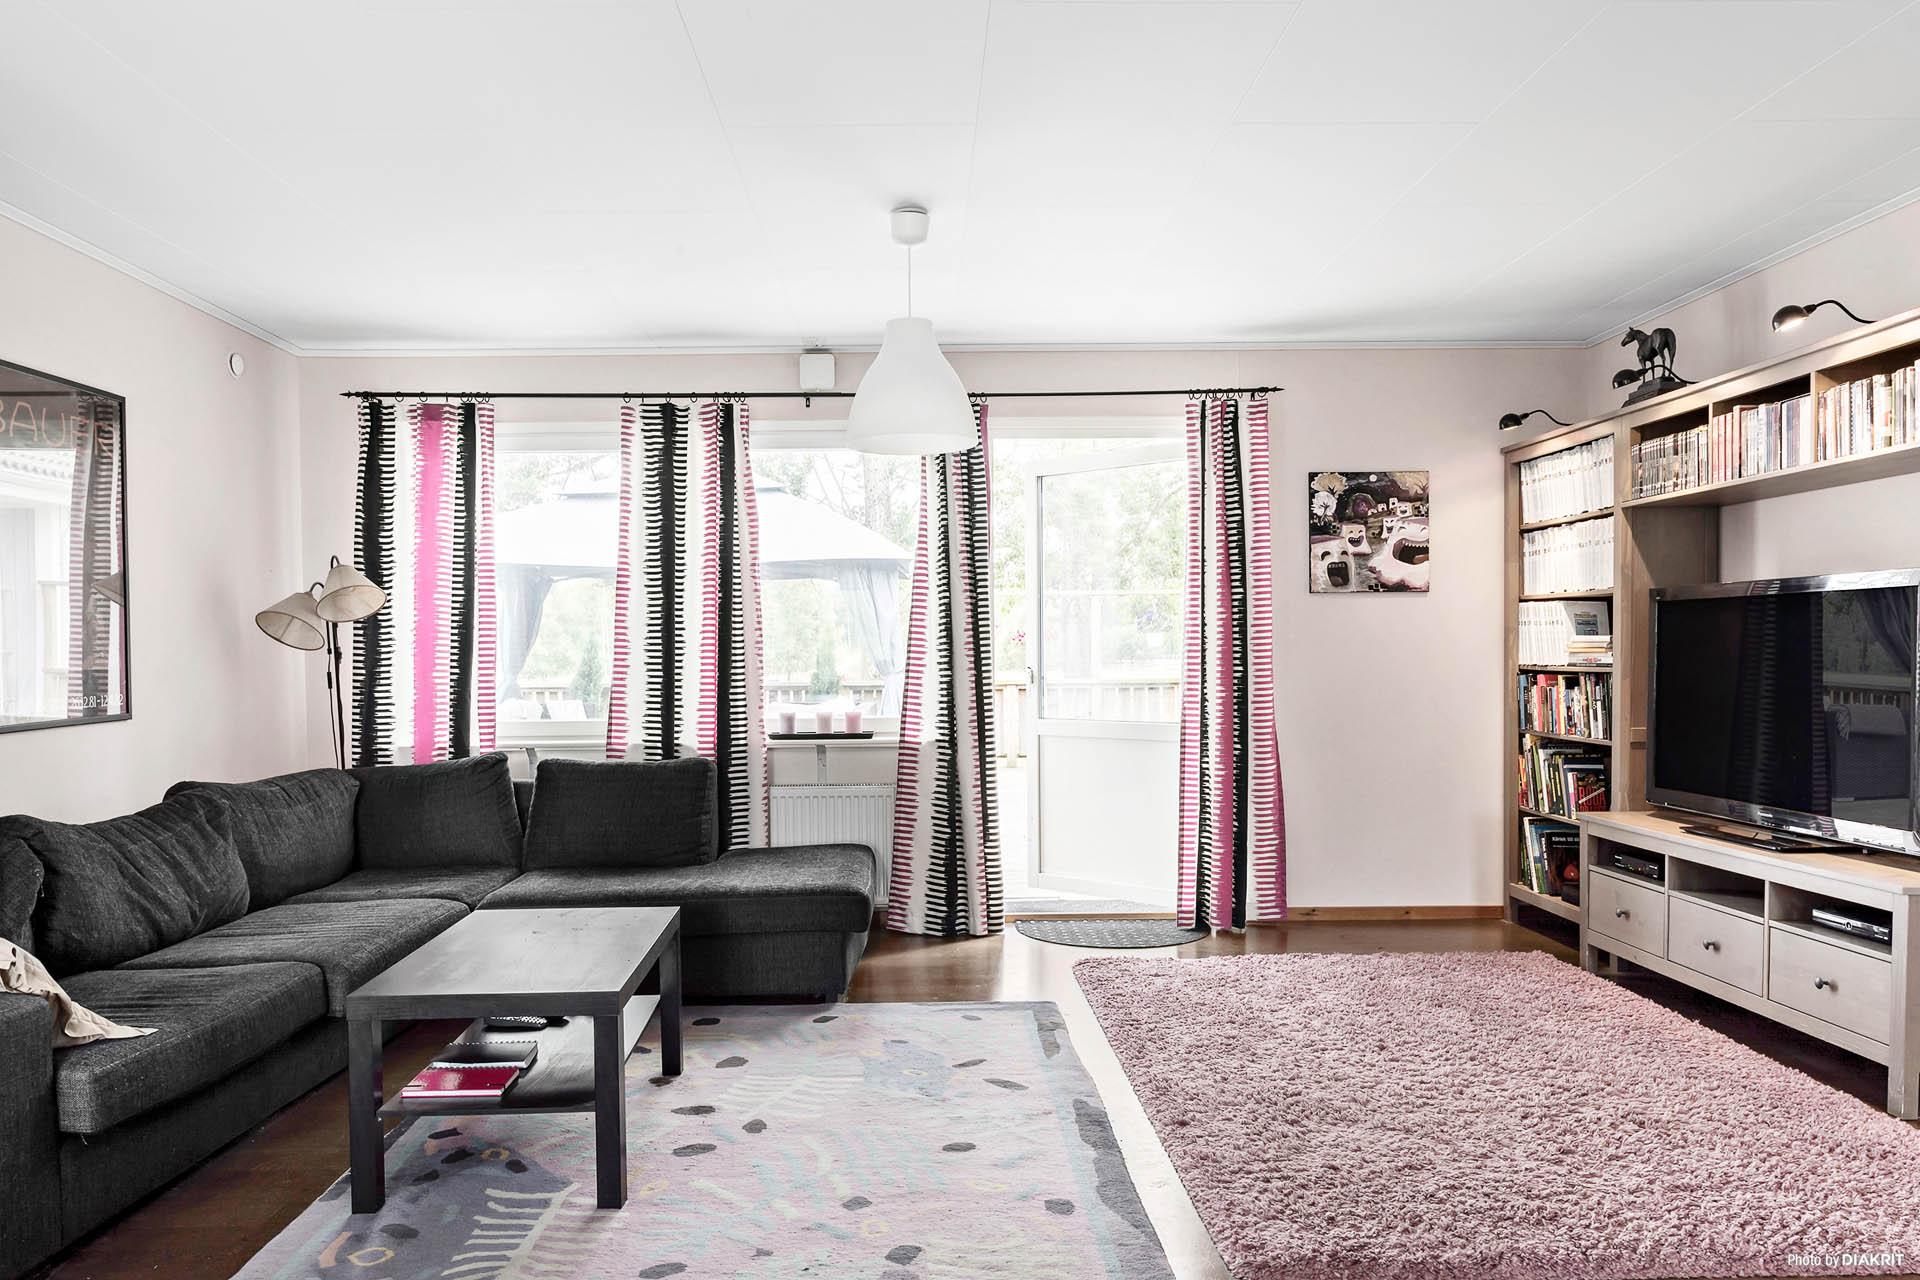 Villans vardagsrum/sällskapsrum i öppen planlösning